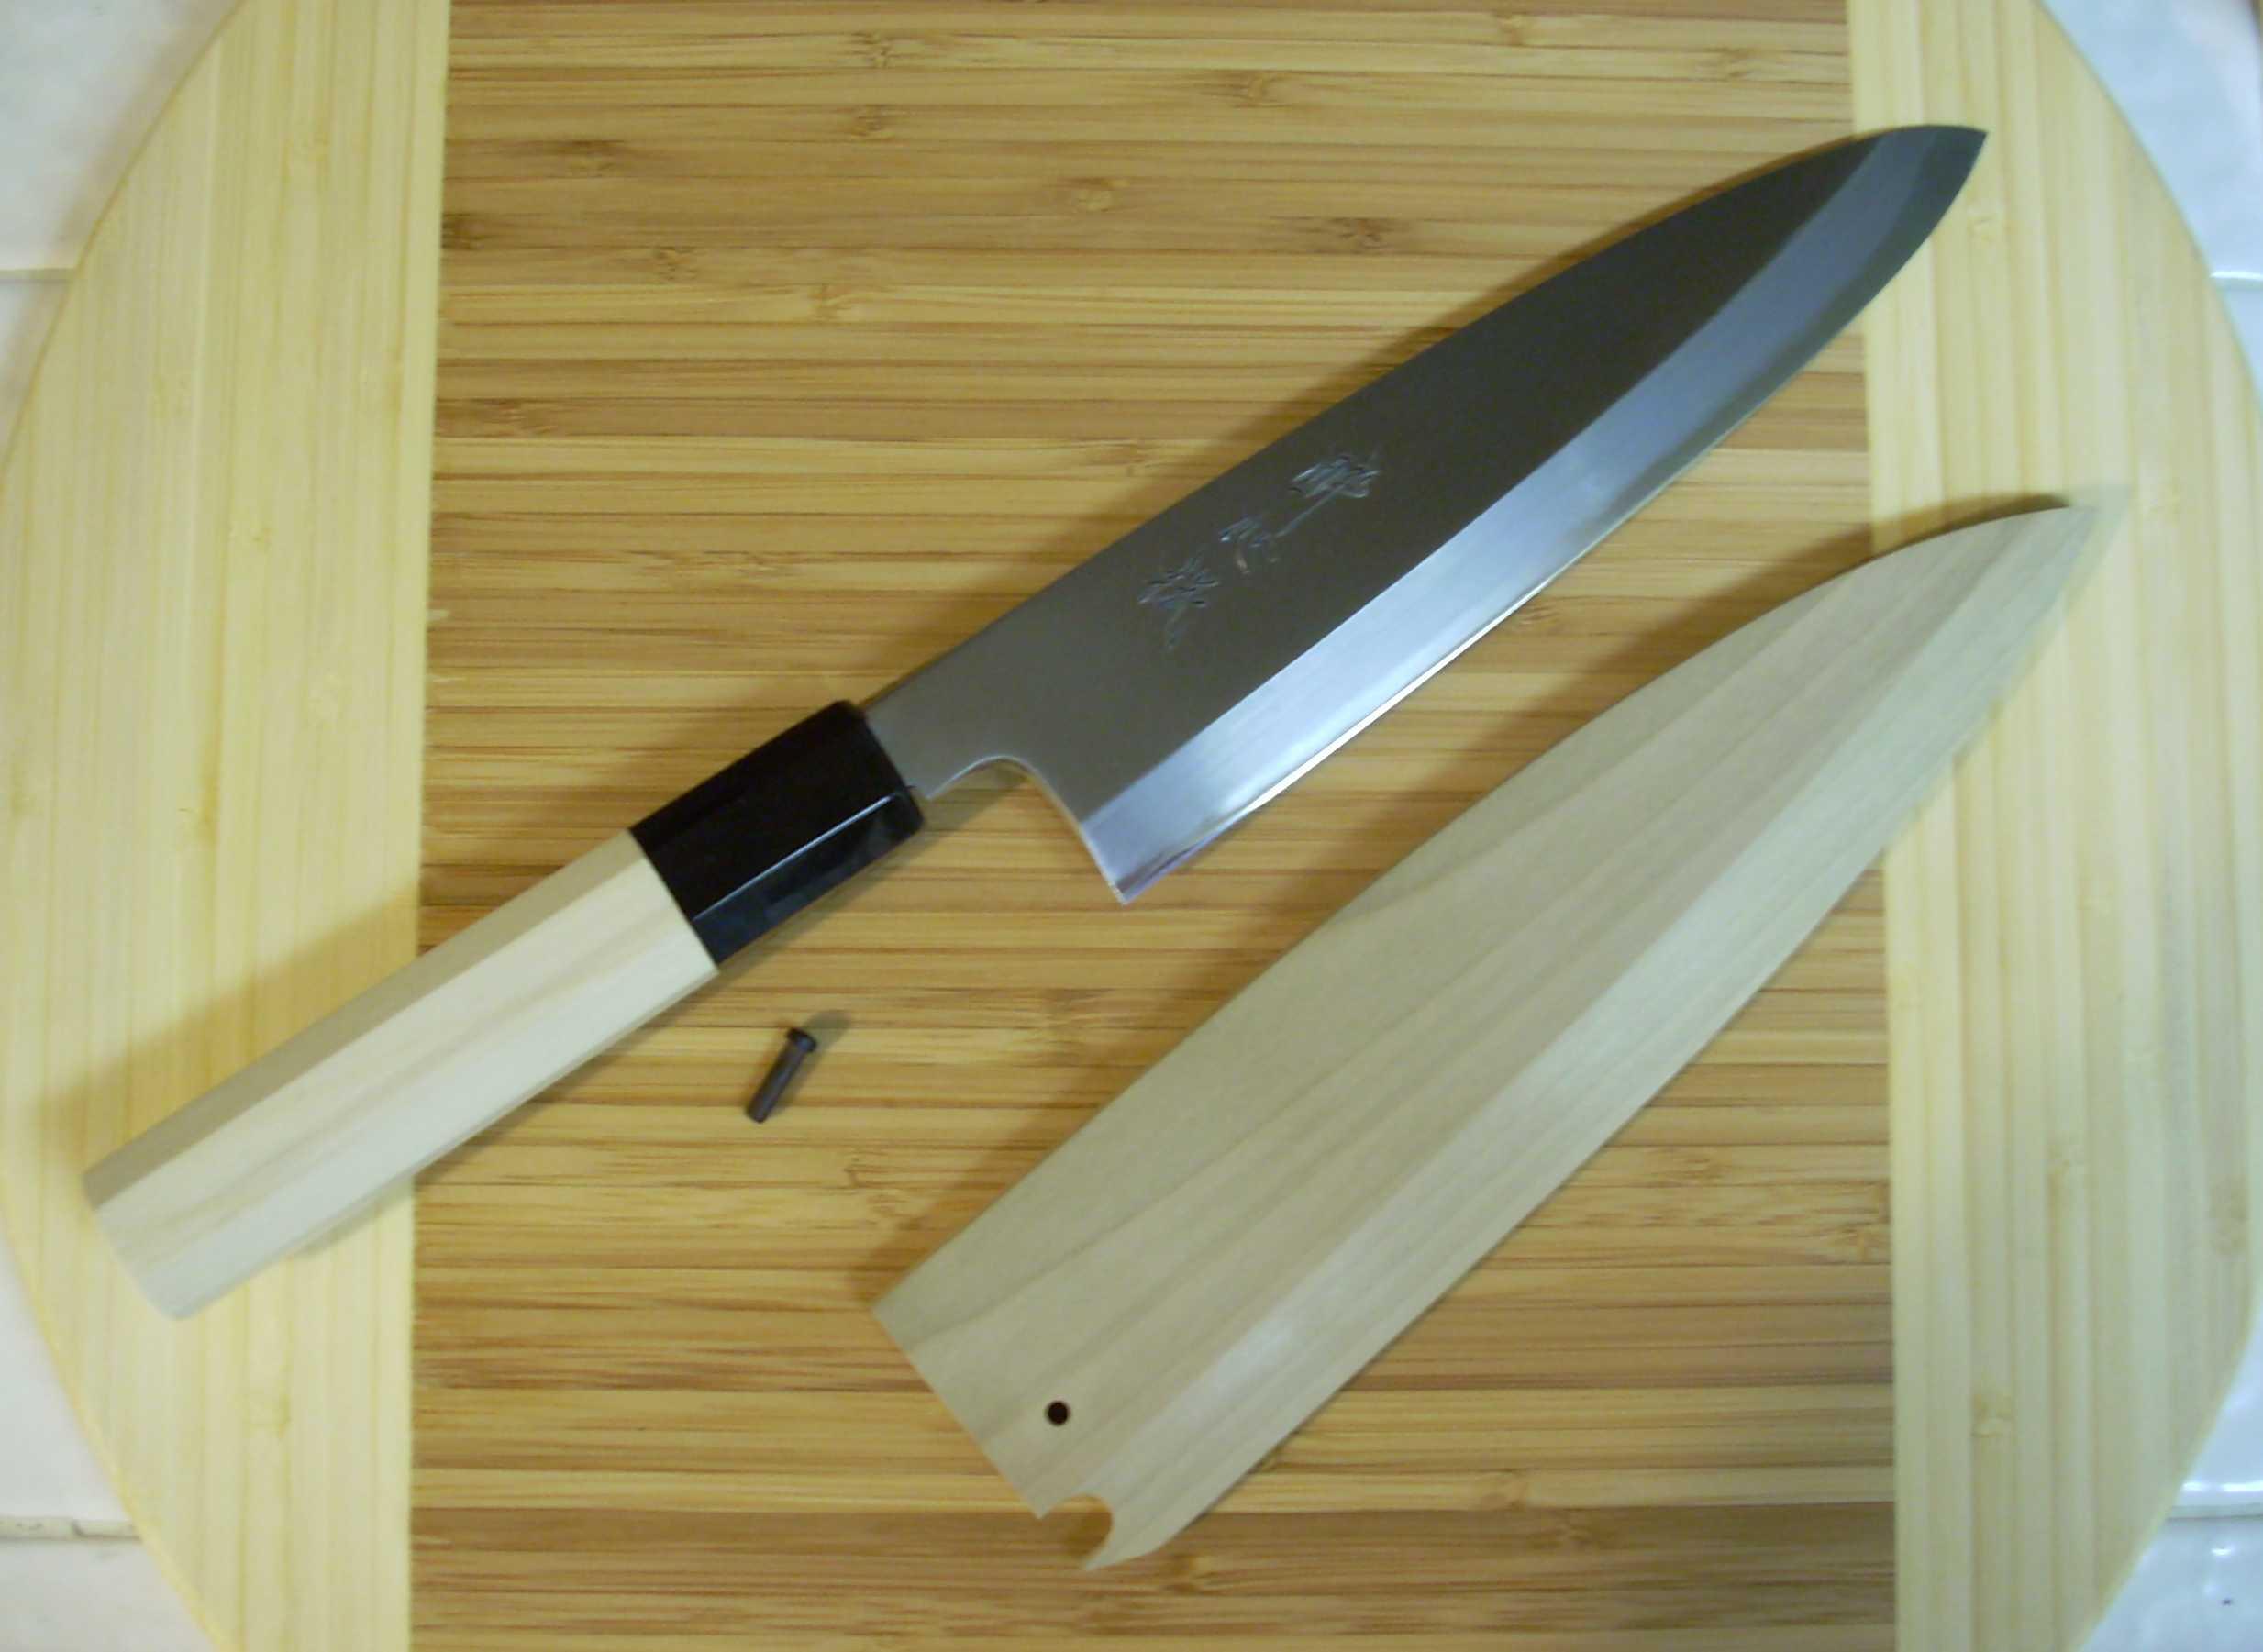 couteaux japonais les choisir et les entretenir culture japonaise. Black Bedroom Furniture Sets. Home Design Ideas